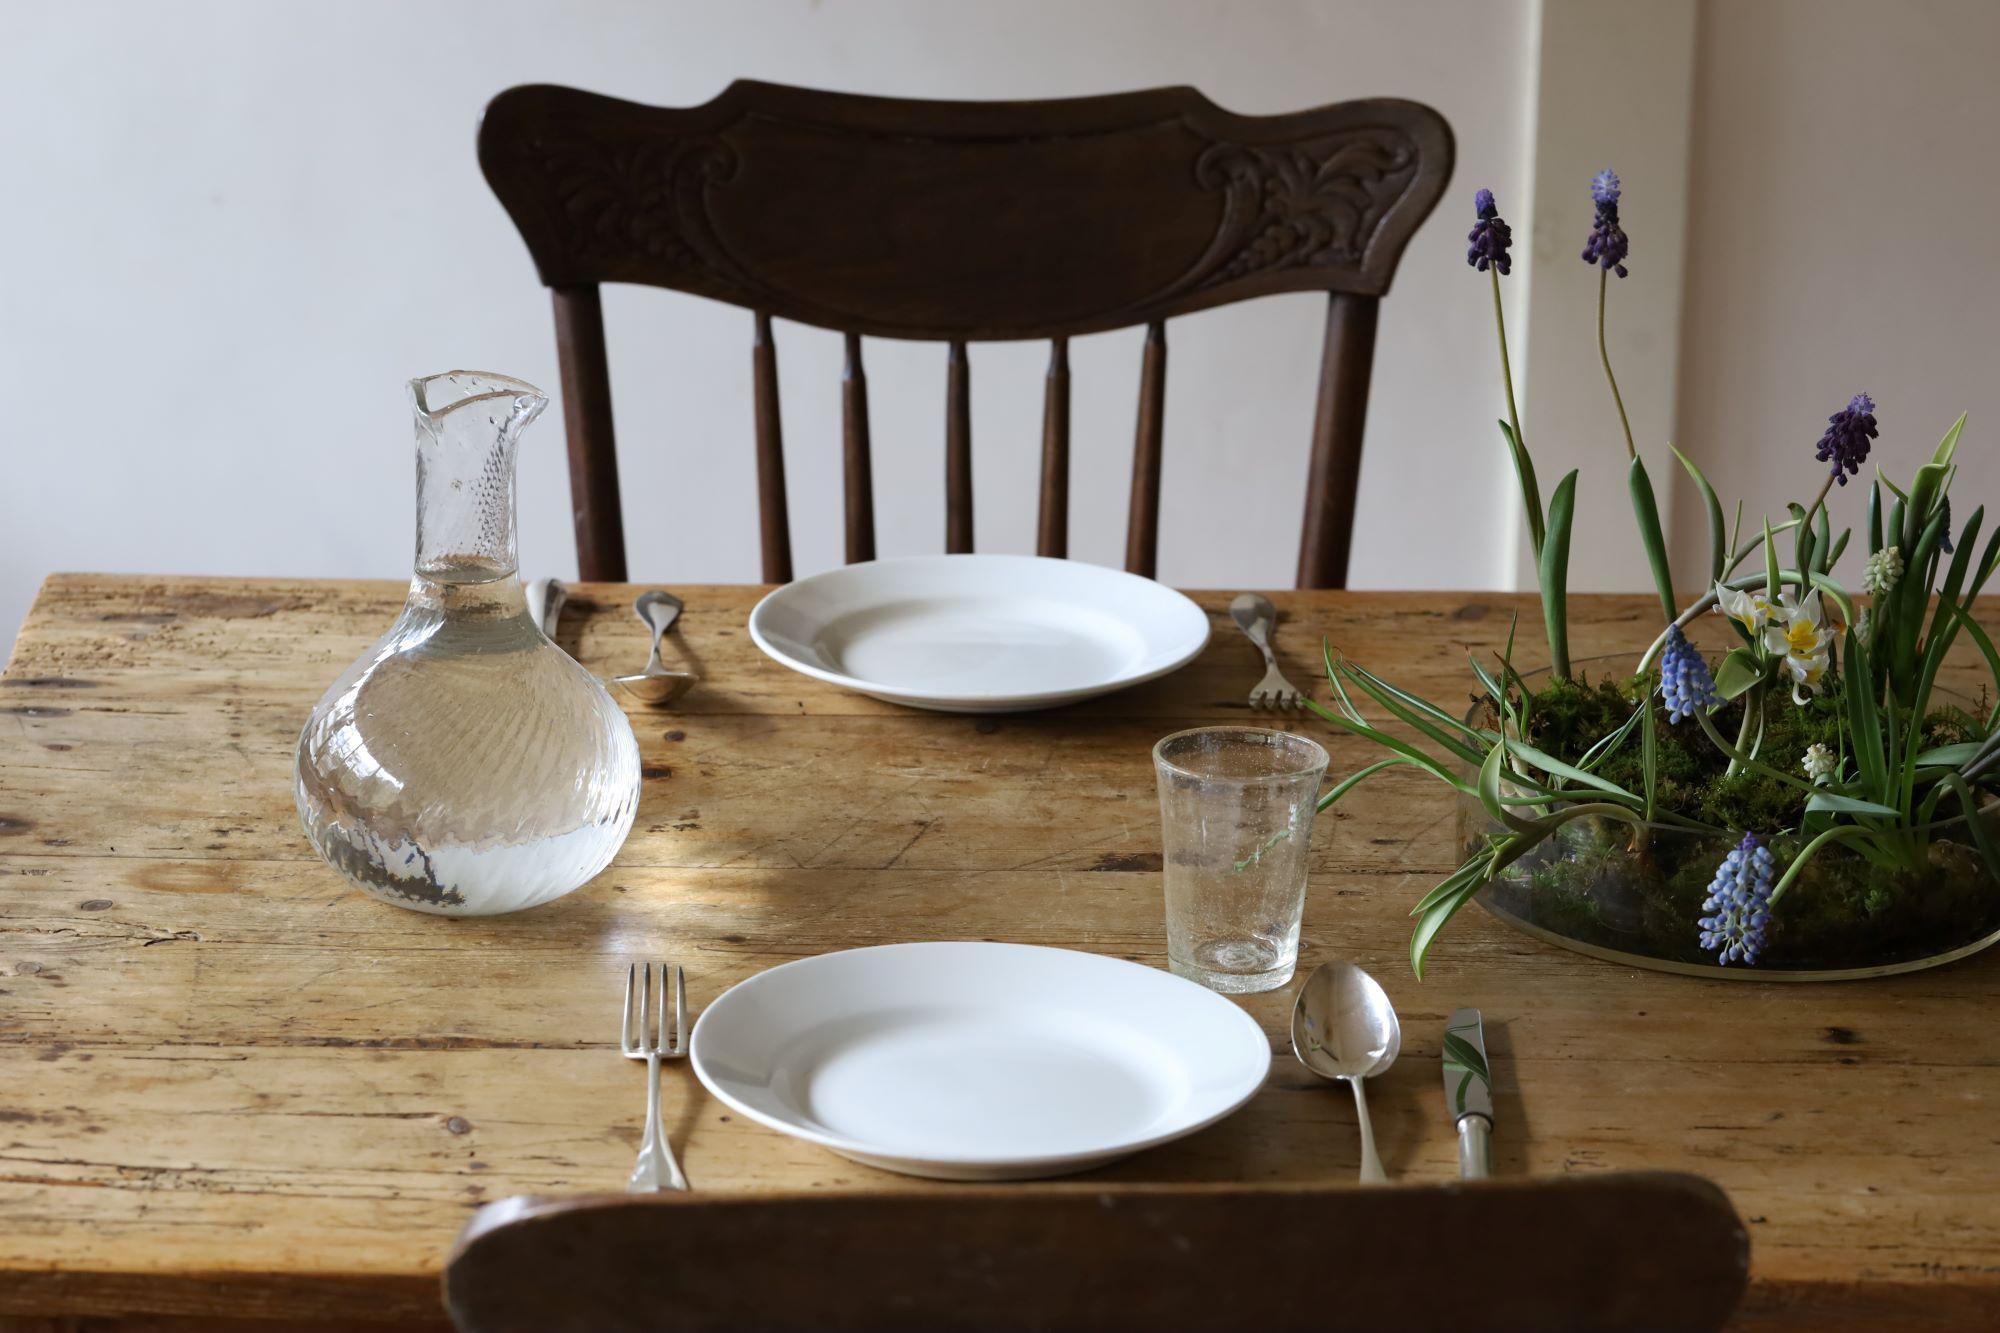 ていねいに磨かれたカトラリーやガラスが美しい、細川家の食卓